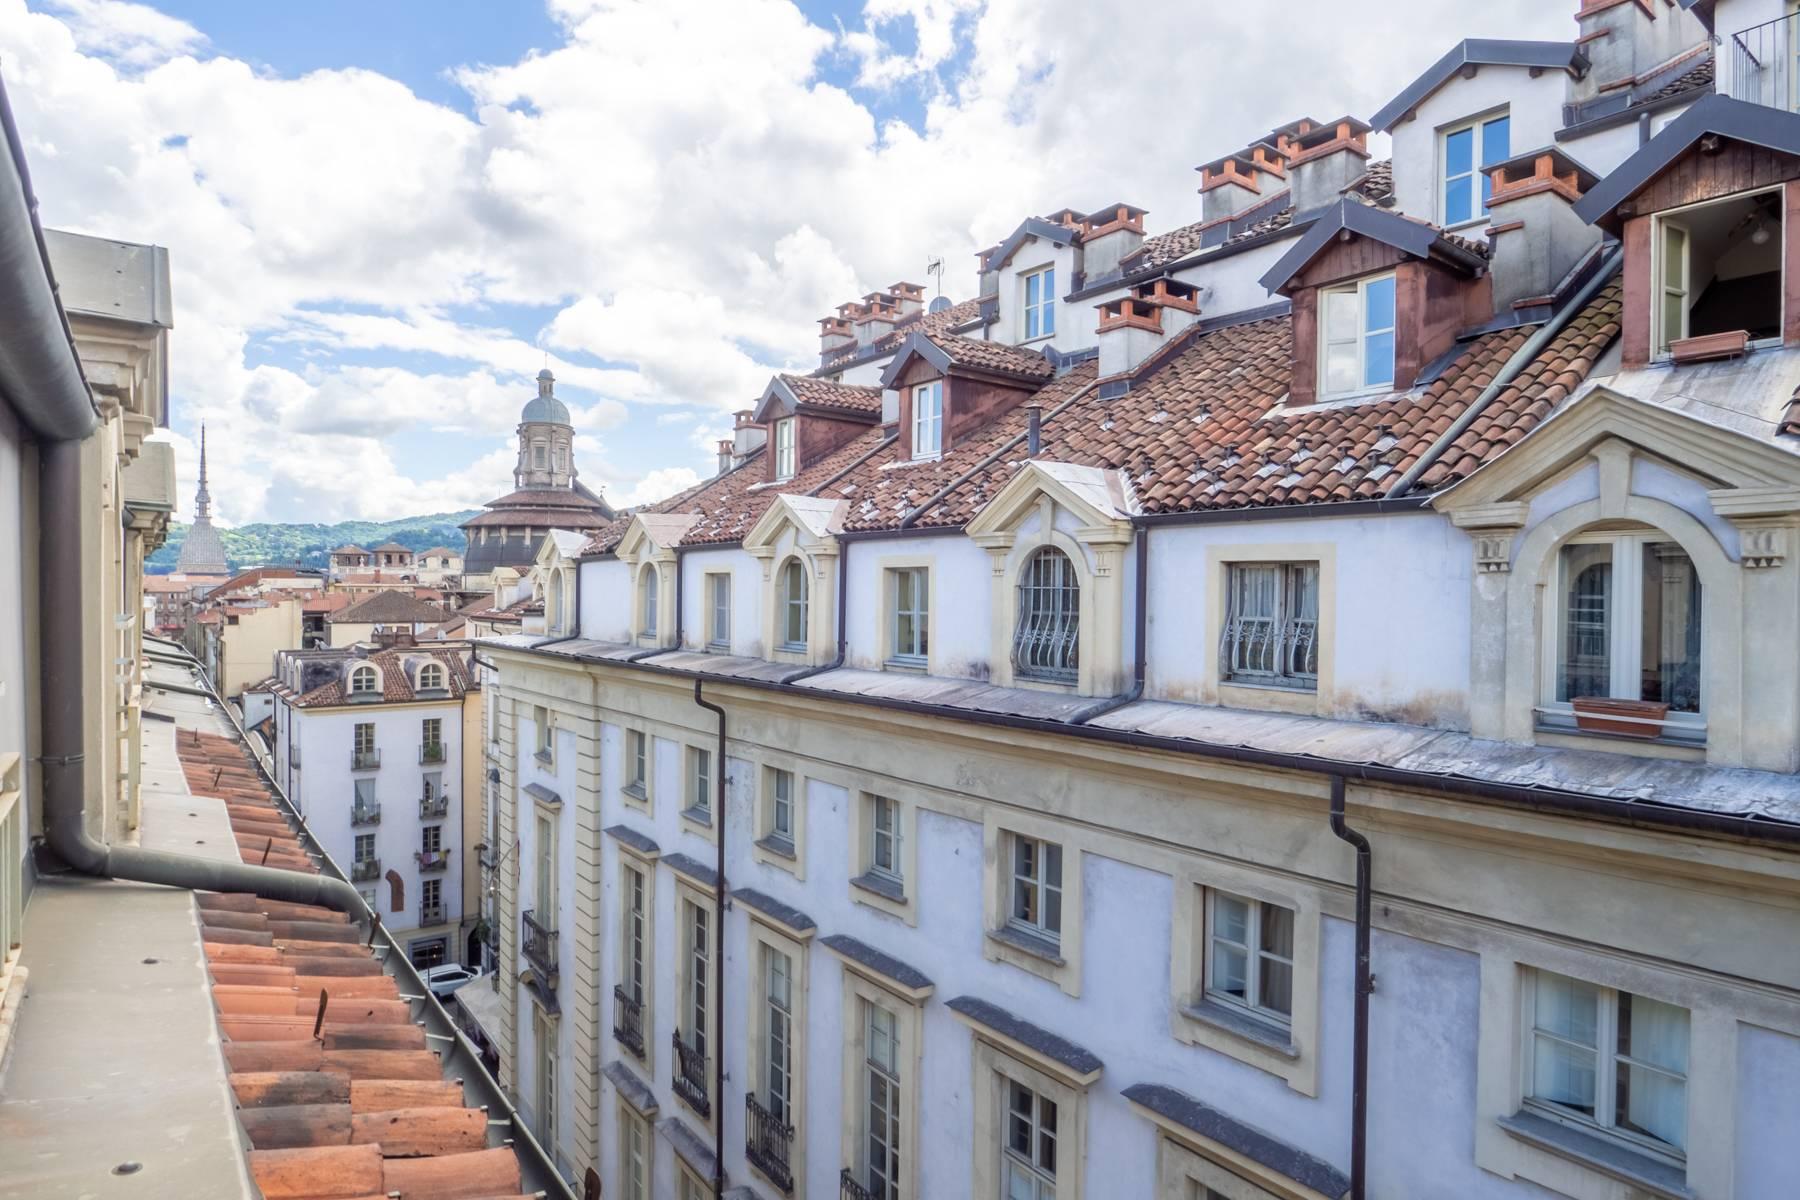 Appartamento in Vendita a Torino: 4 locali, 119 mq - Foto 8